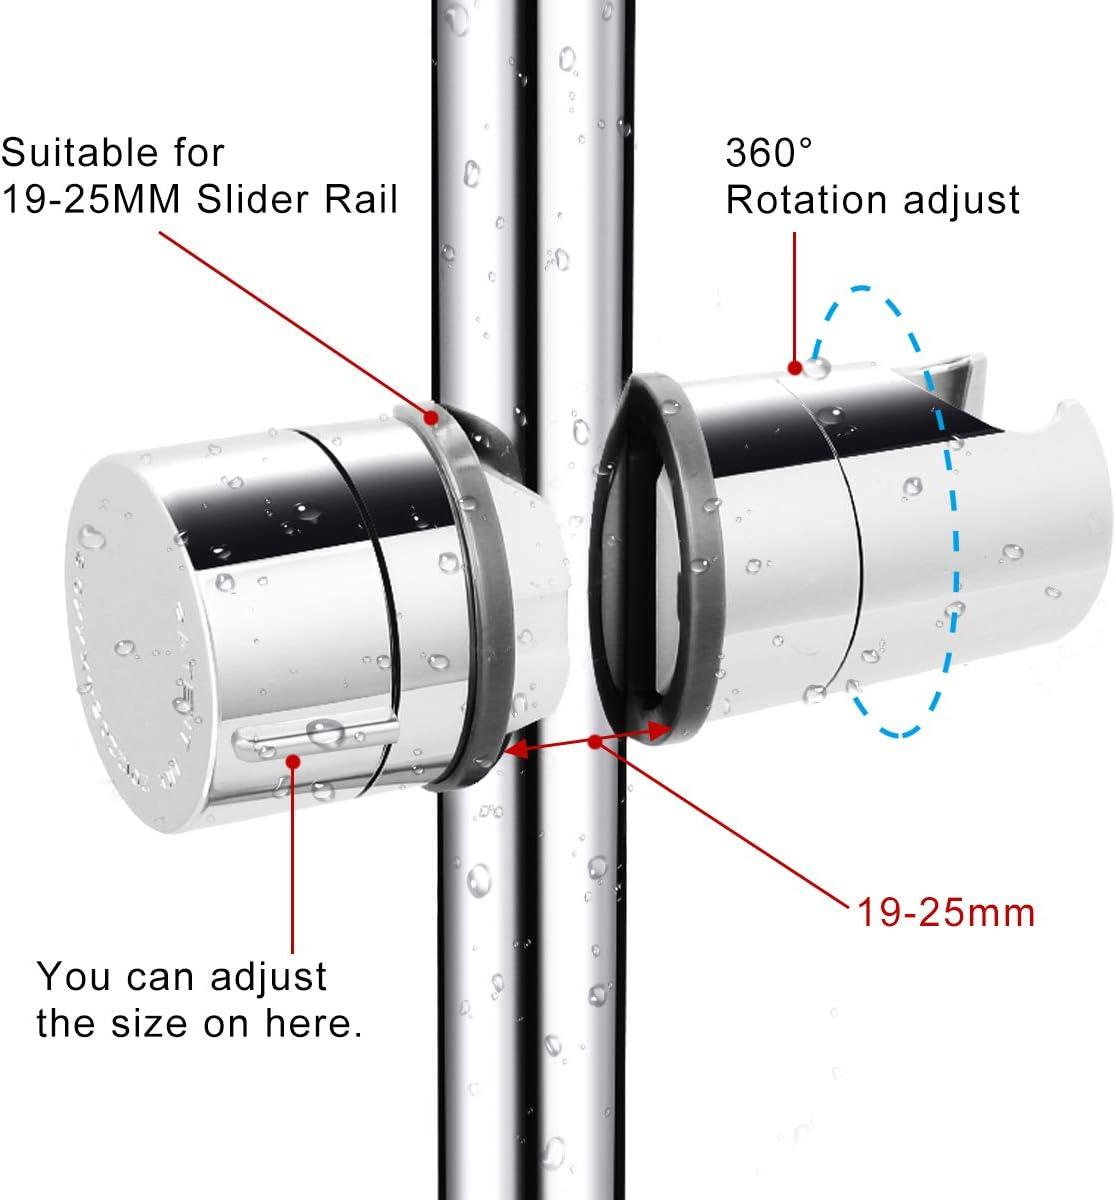 plastica ABS HAUSPROFI Supporto per doccetta universale Supporto per doccia regolabile 18-25 mm Supporto per doccia per doccetta o soffione Per bagno girevole a 360 /° cromato